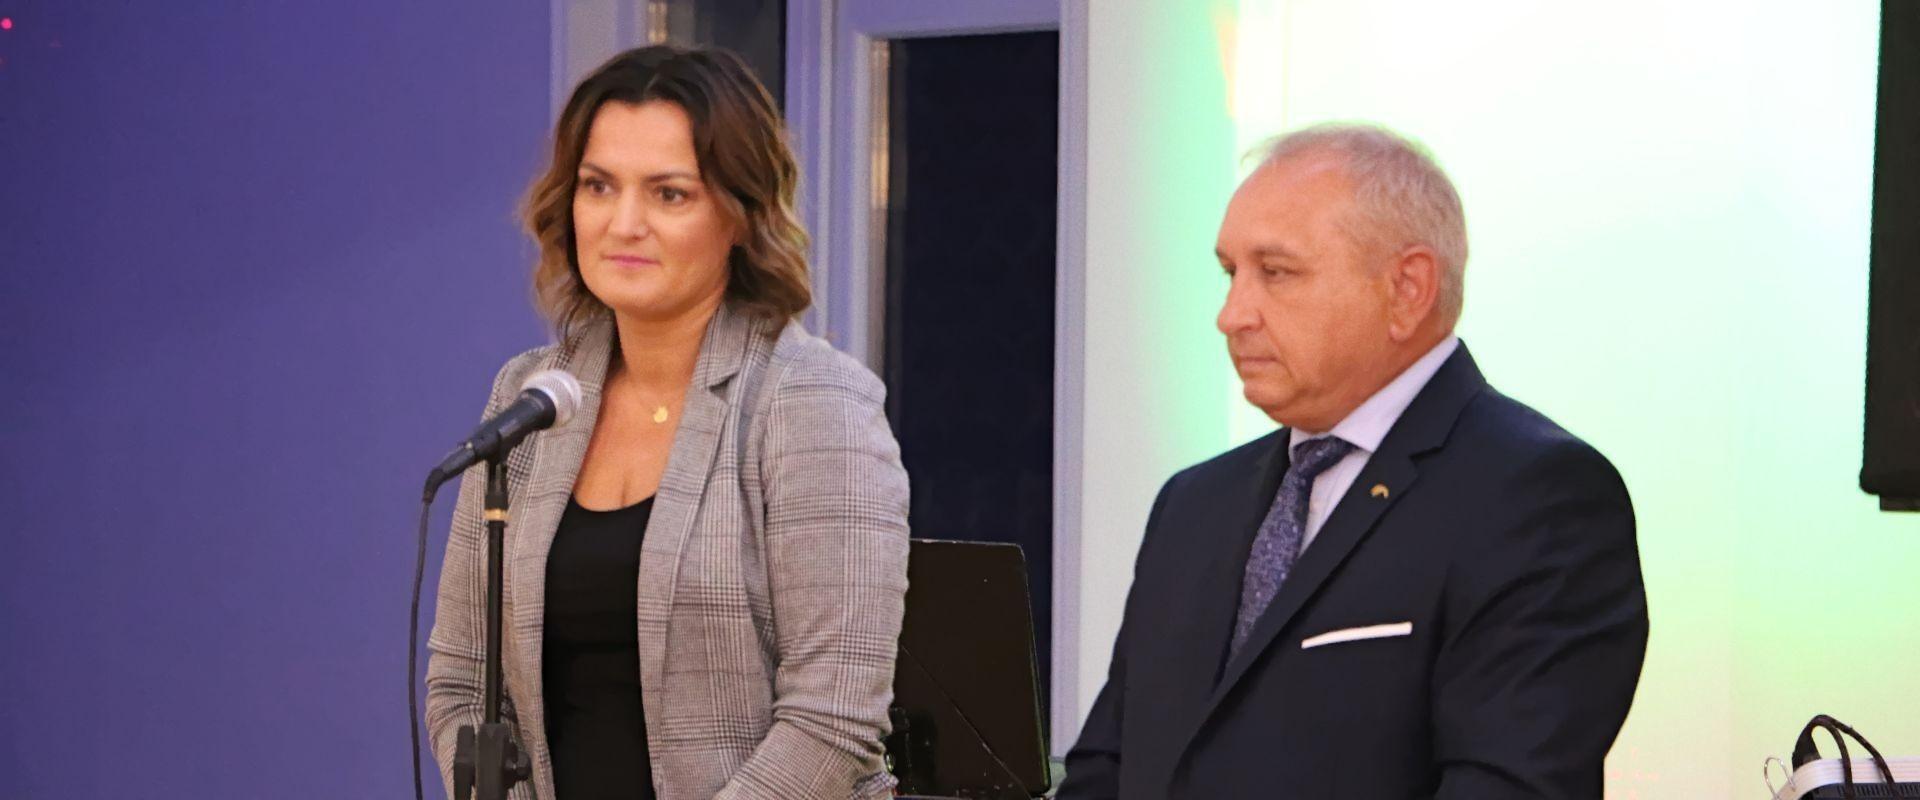 Kamila Kaczorowska wiceburmistrzem miasta